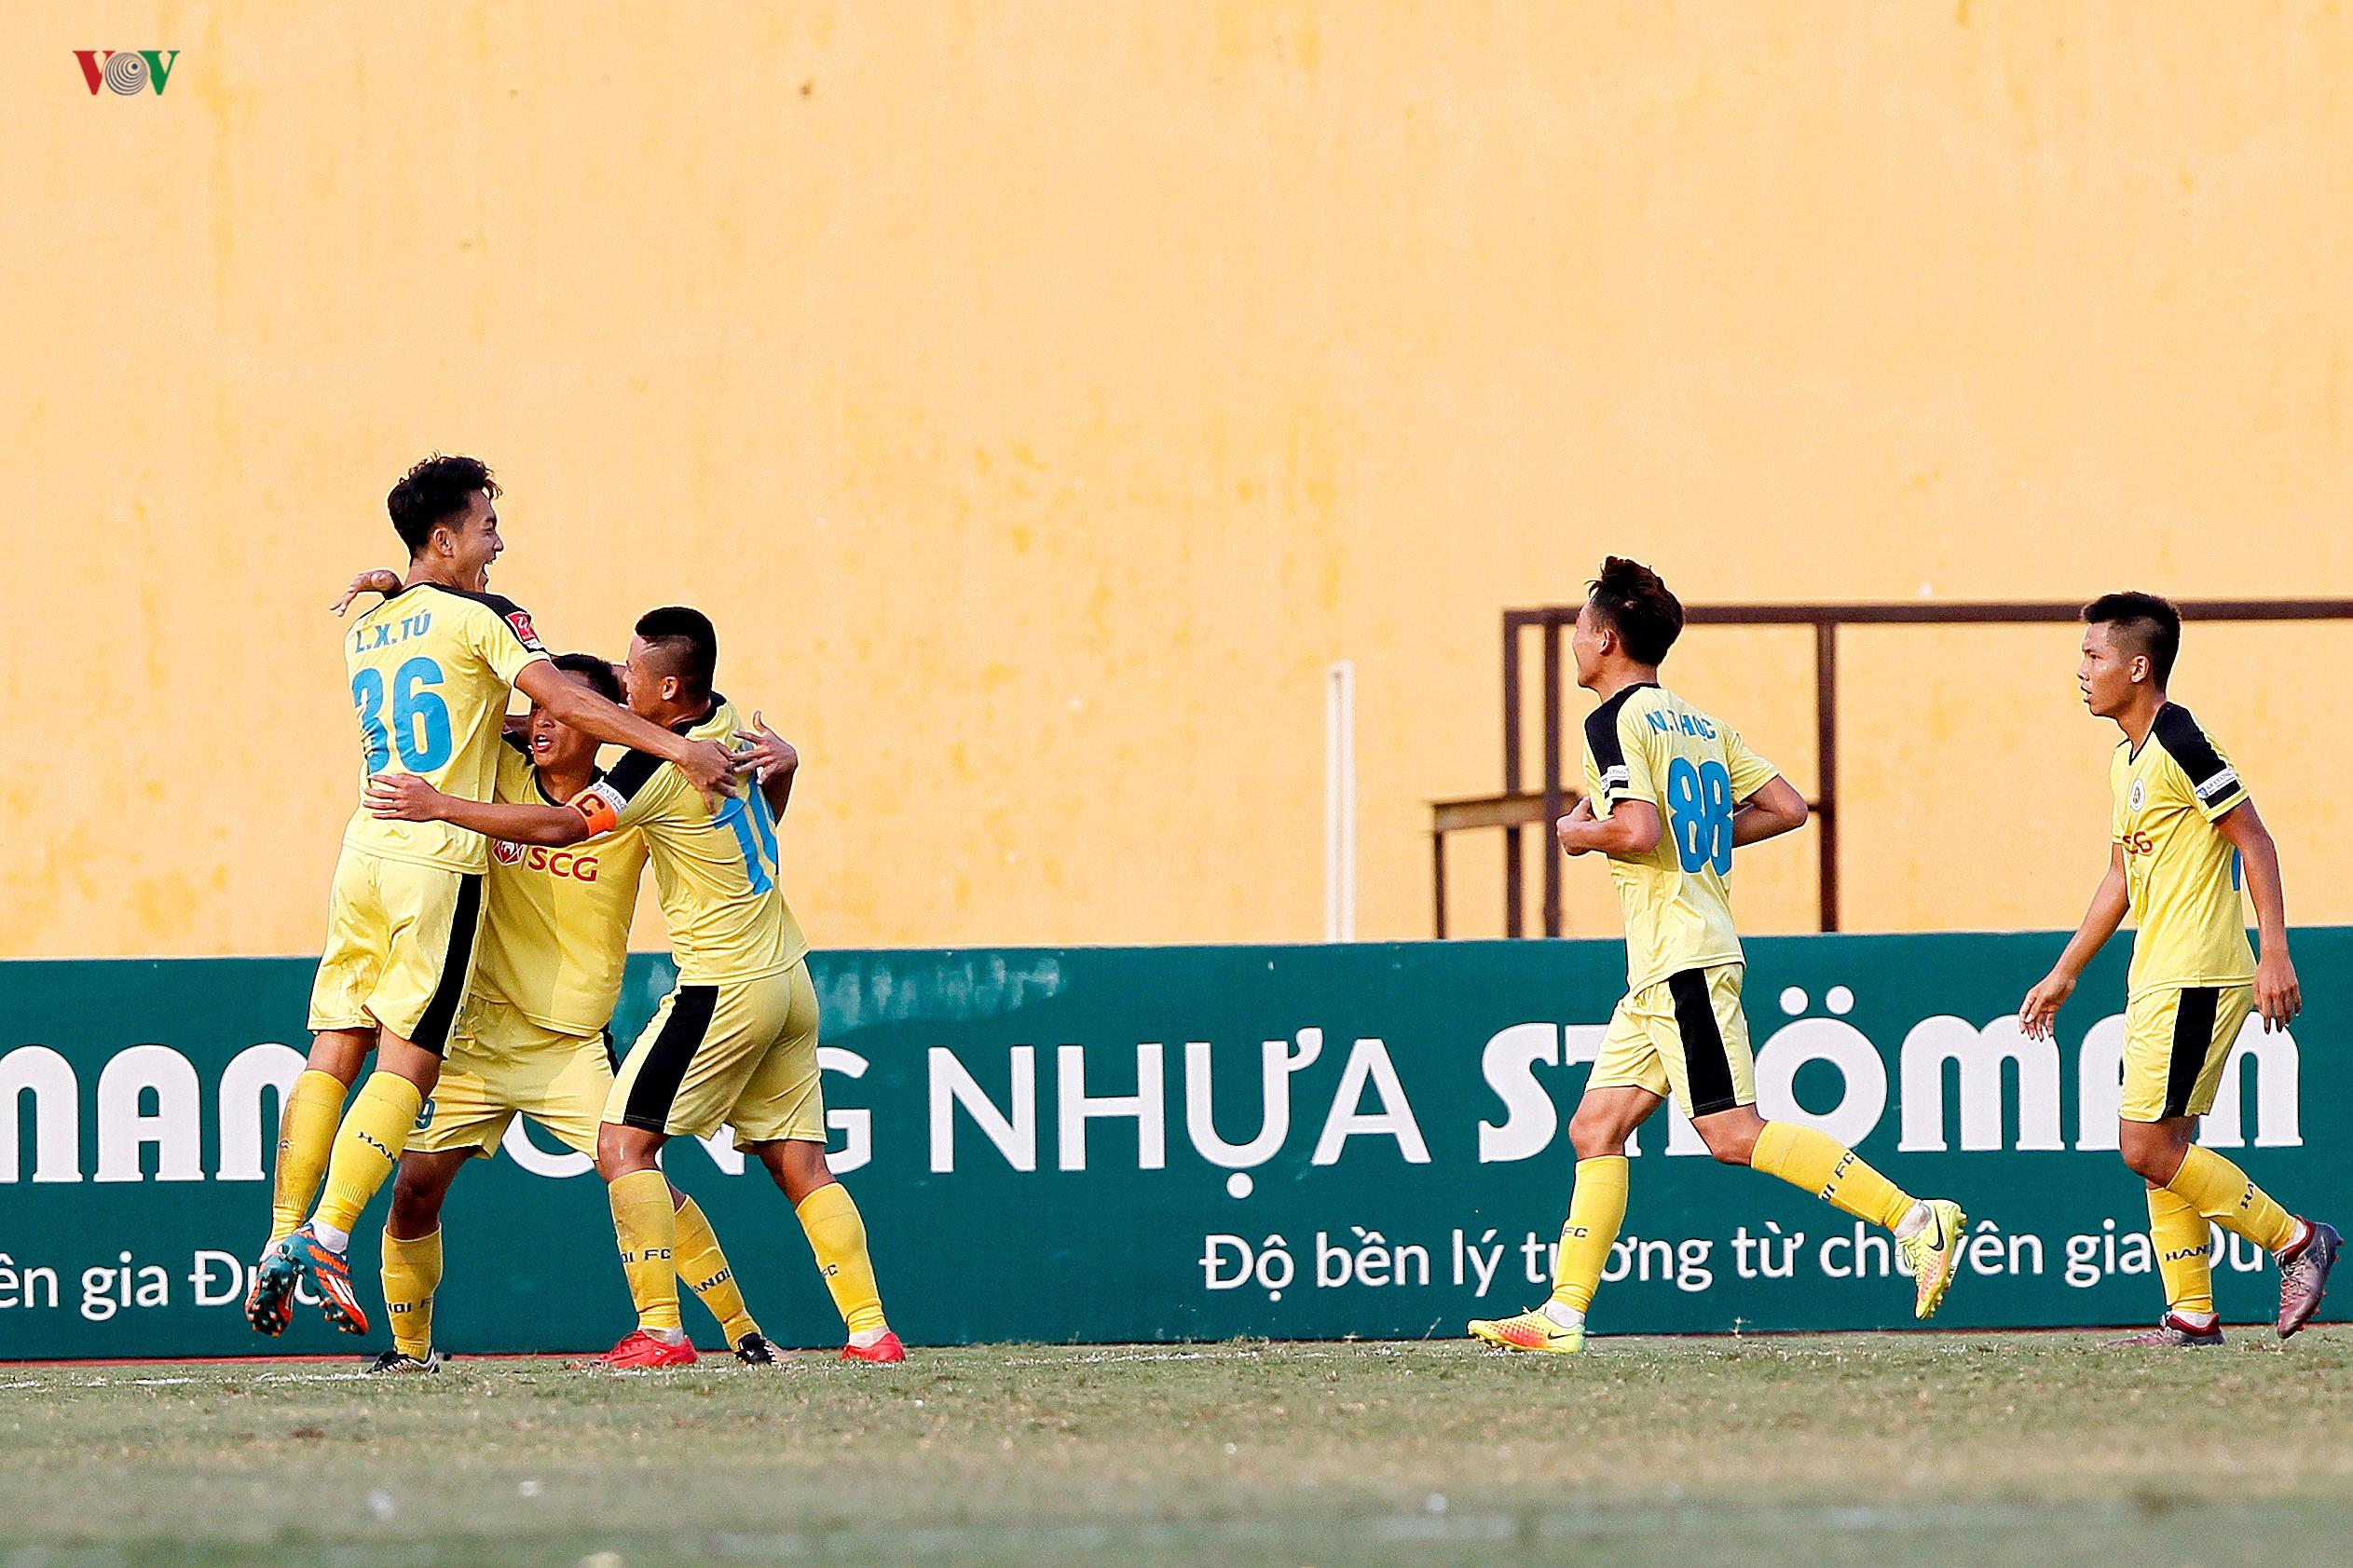 Trận play-off giữa Nam Định và Hà Nội B: Kẻ tám lạng, người nửa cân Ảnh 2